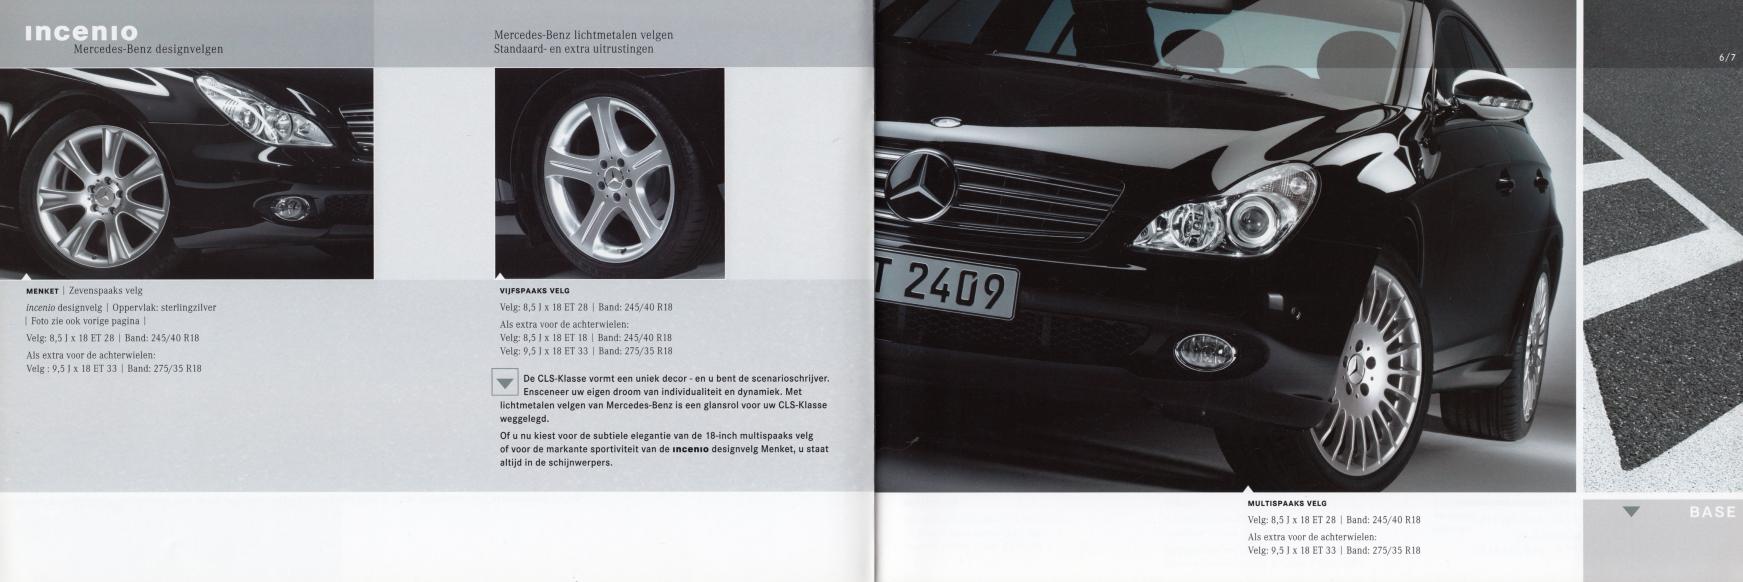 (C219): Catálogo de acessórios 2004 - neerlandês 004